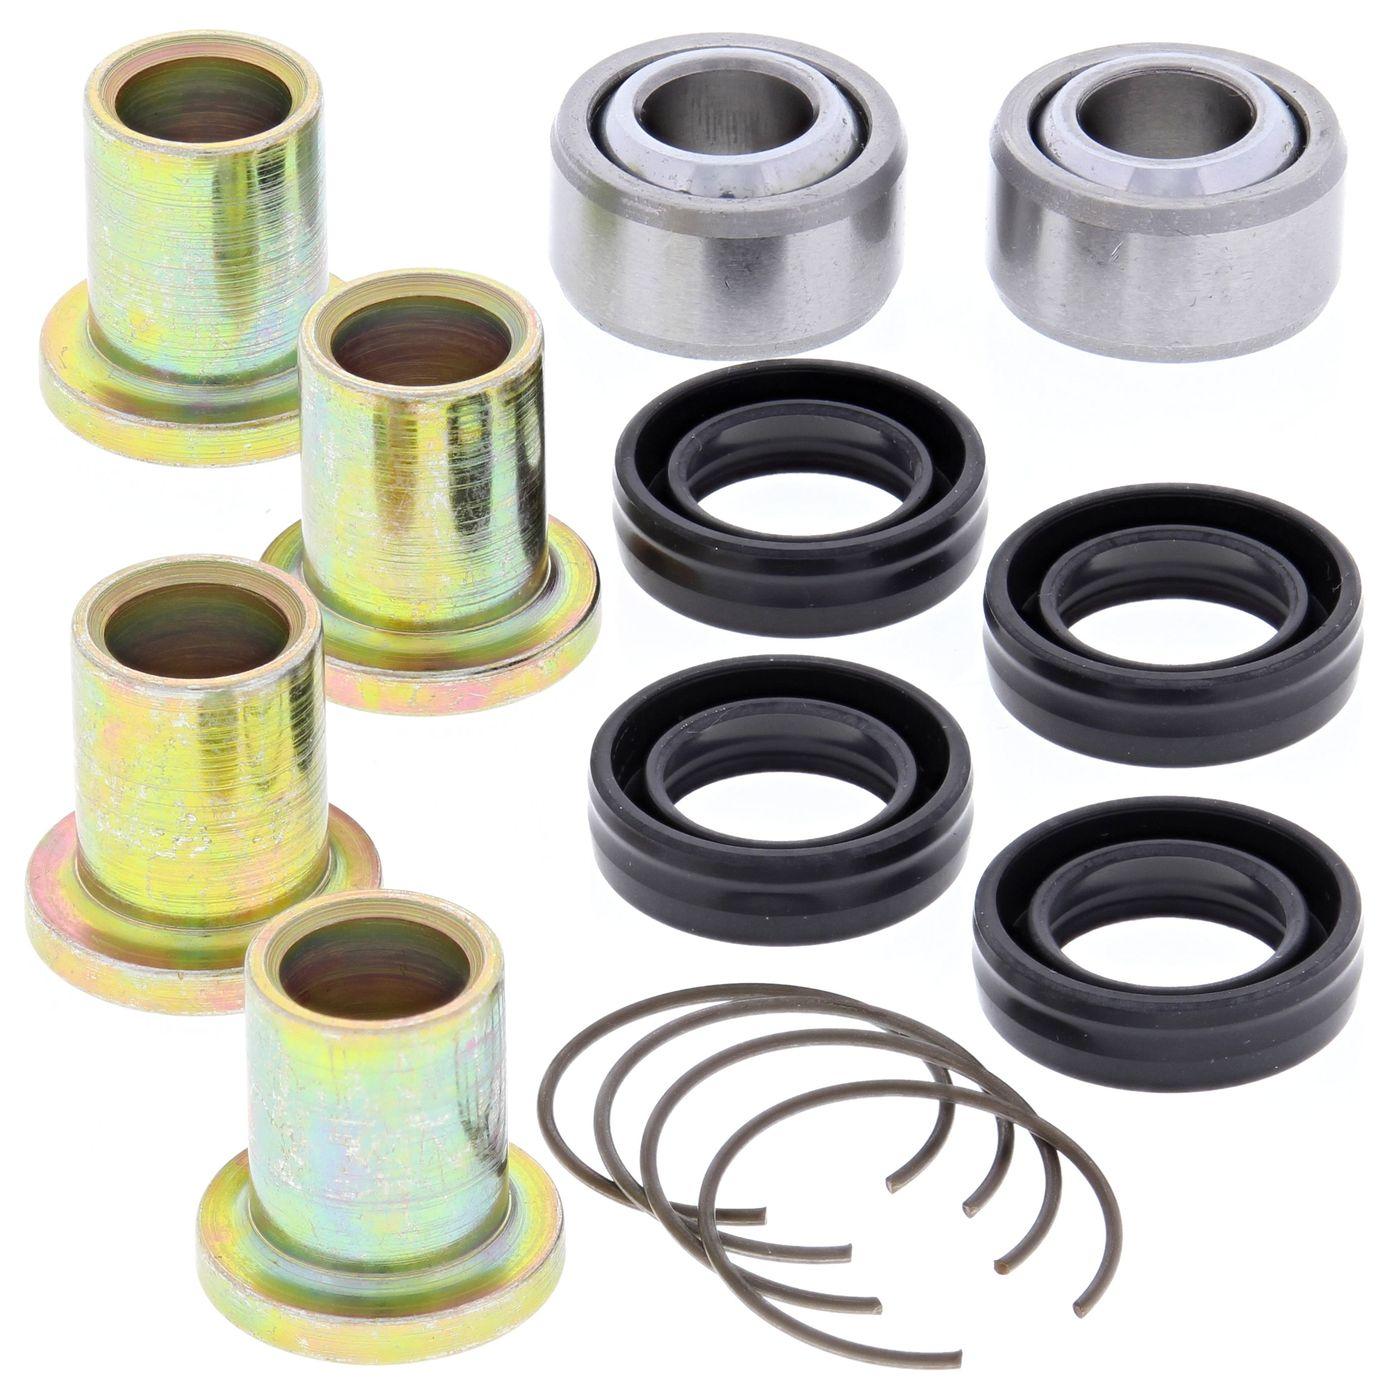 wrp a-arm bearing kits - WRP501019 image